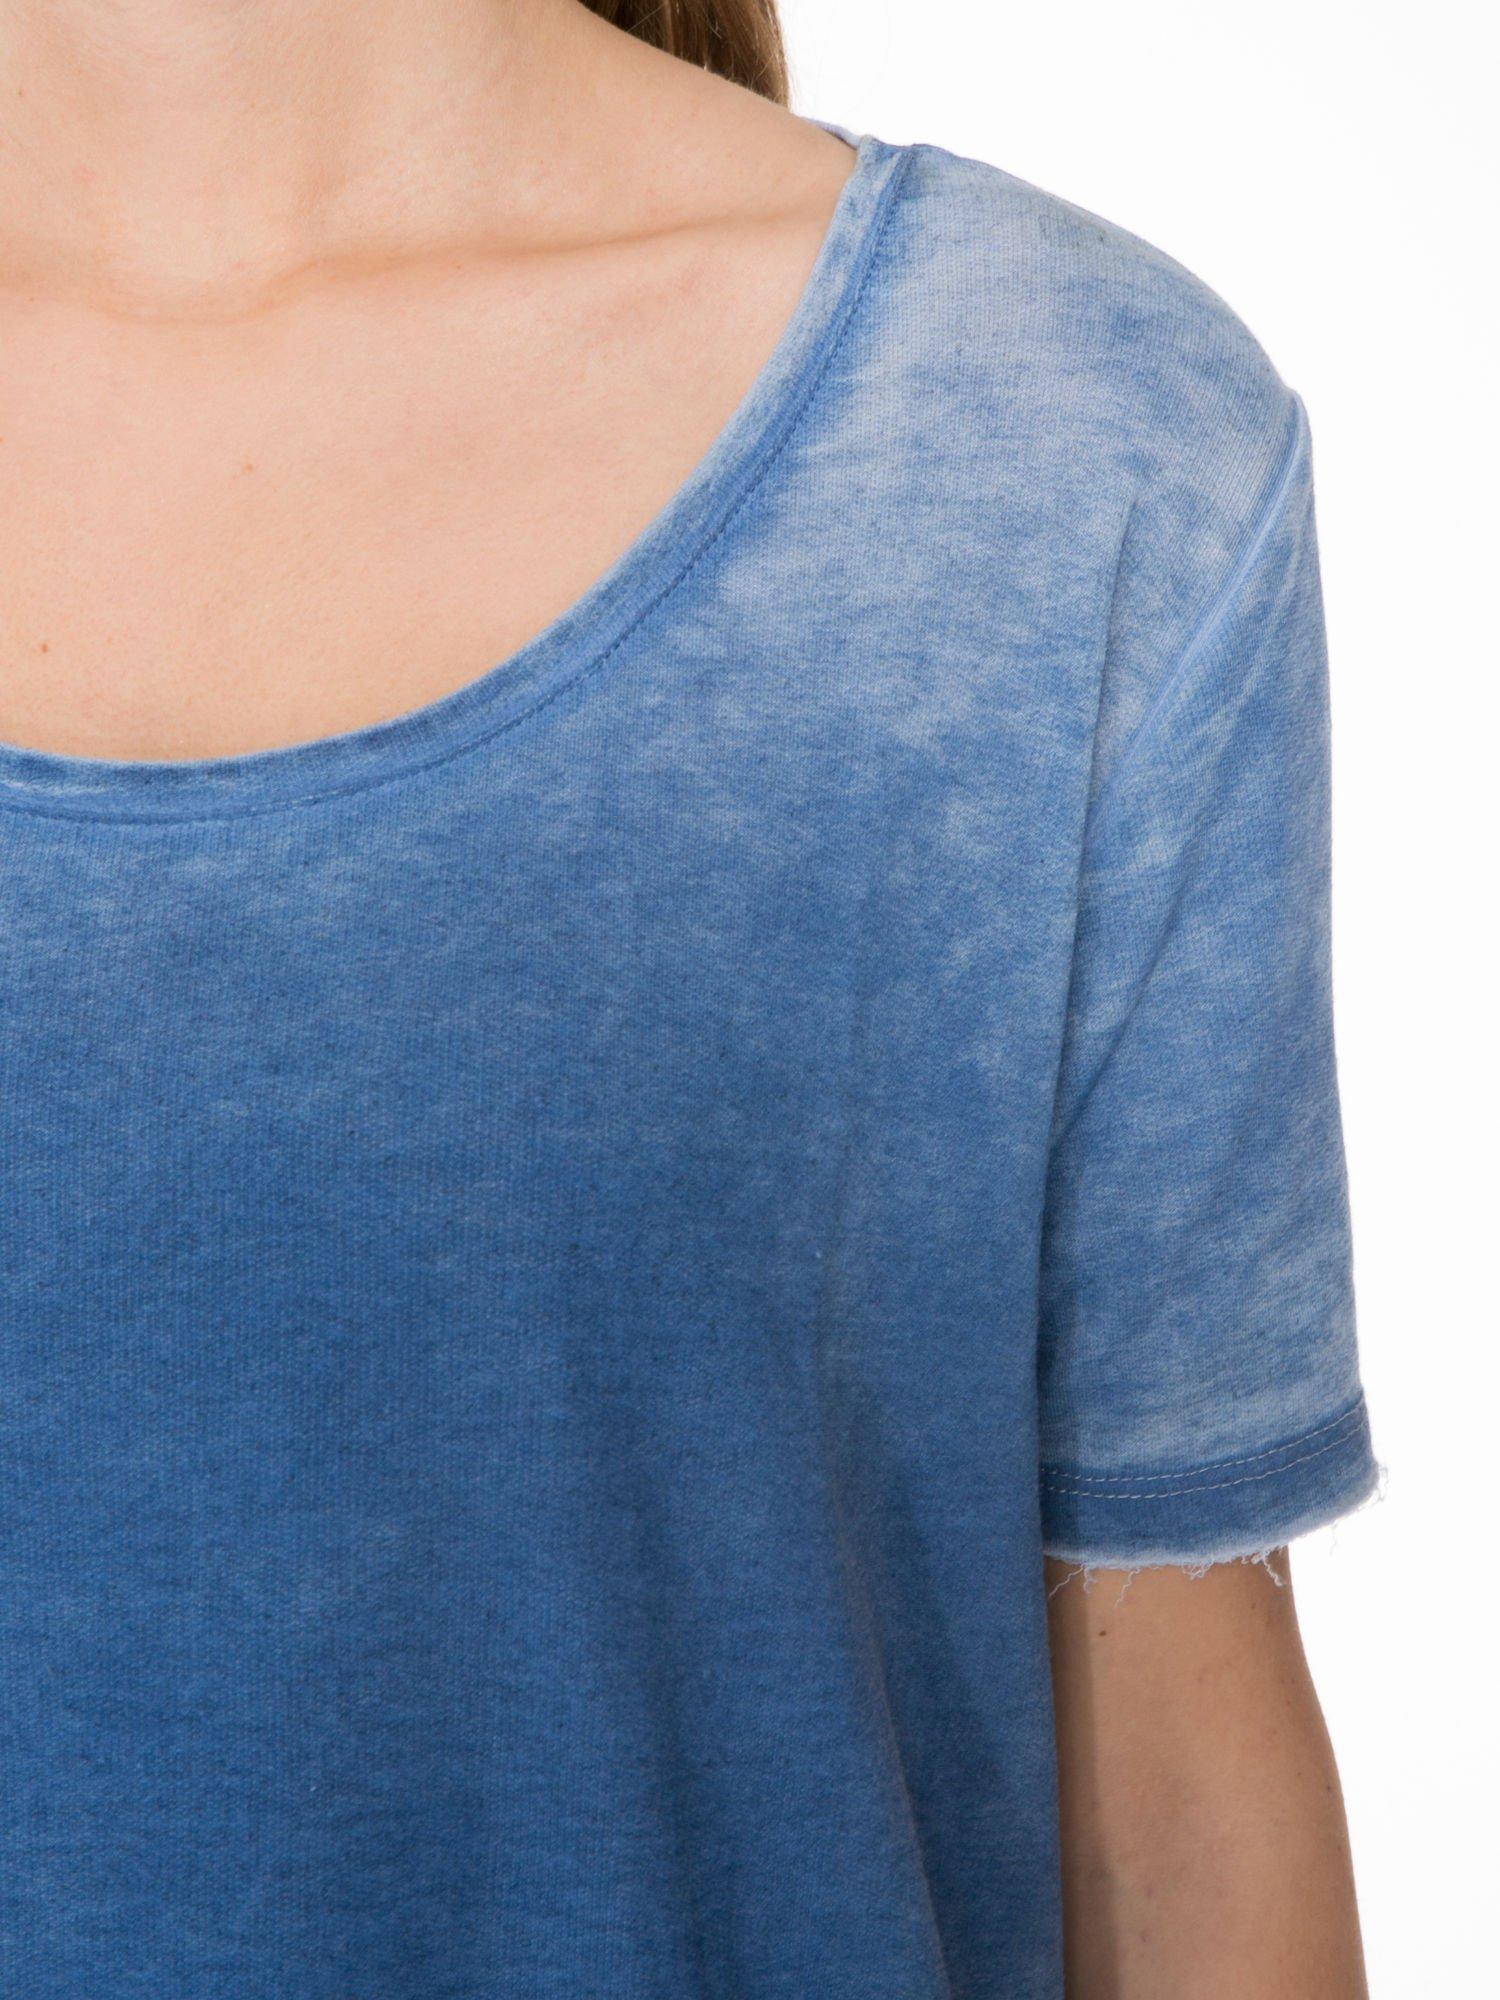 Niebieska sukienka typu t-shirt bluzka z efektem dekatyzowania                                  zdj.                                  5